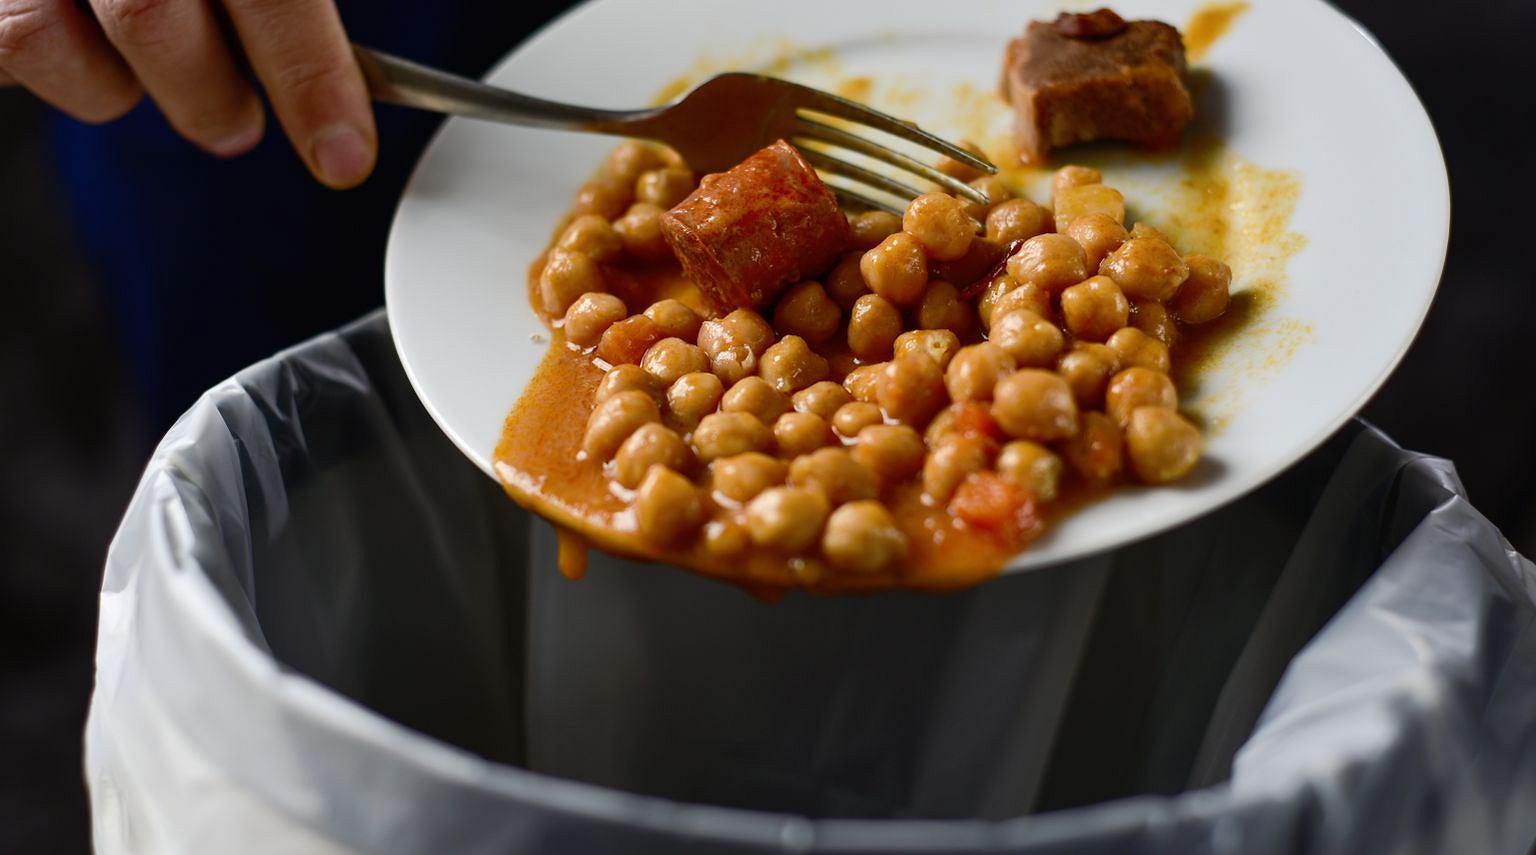 Polska jest na niechlubnym piątym miejscu w UE pod względem ilości marnowanego jedzenia